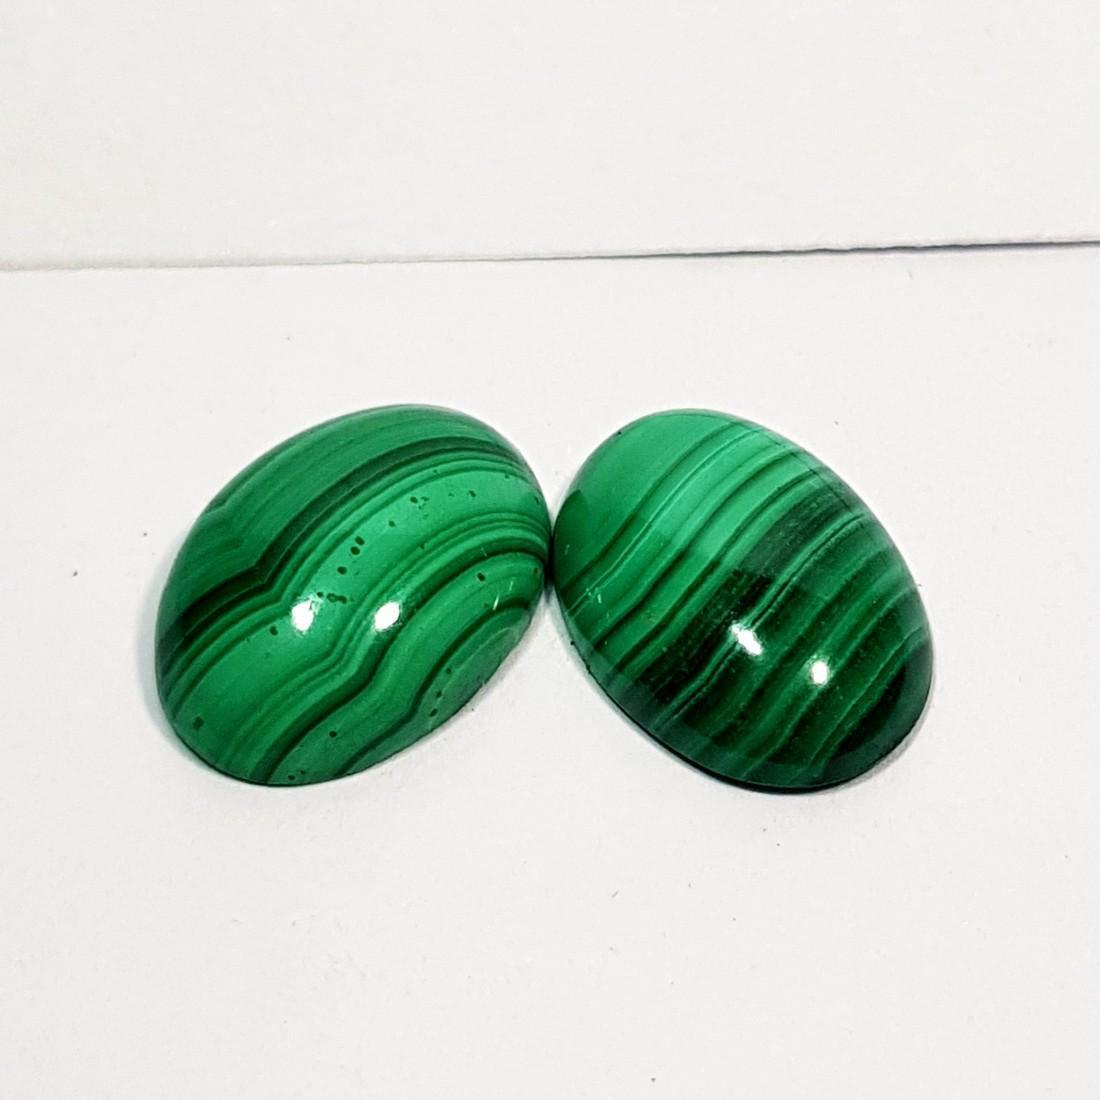 2 Pcs of Wonderful Oval Cut Natural Malachite - 11.00 - 4